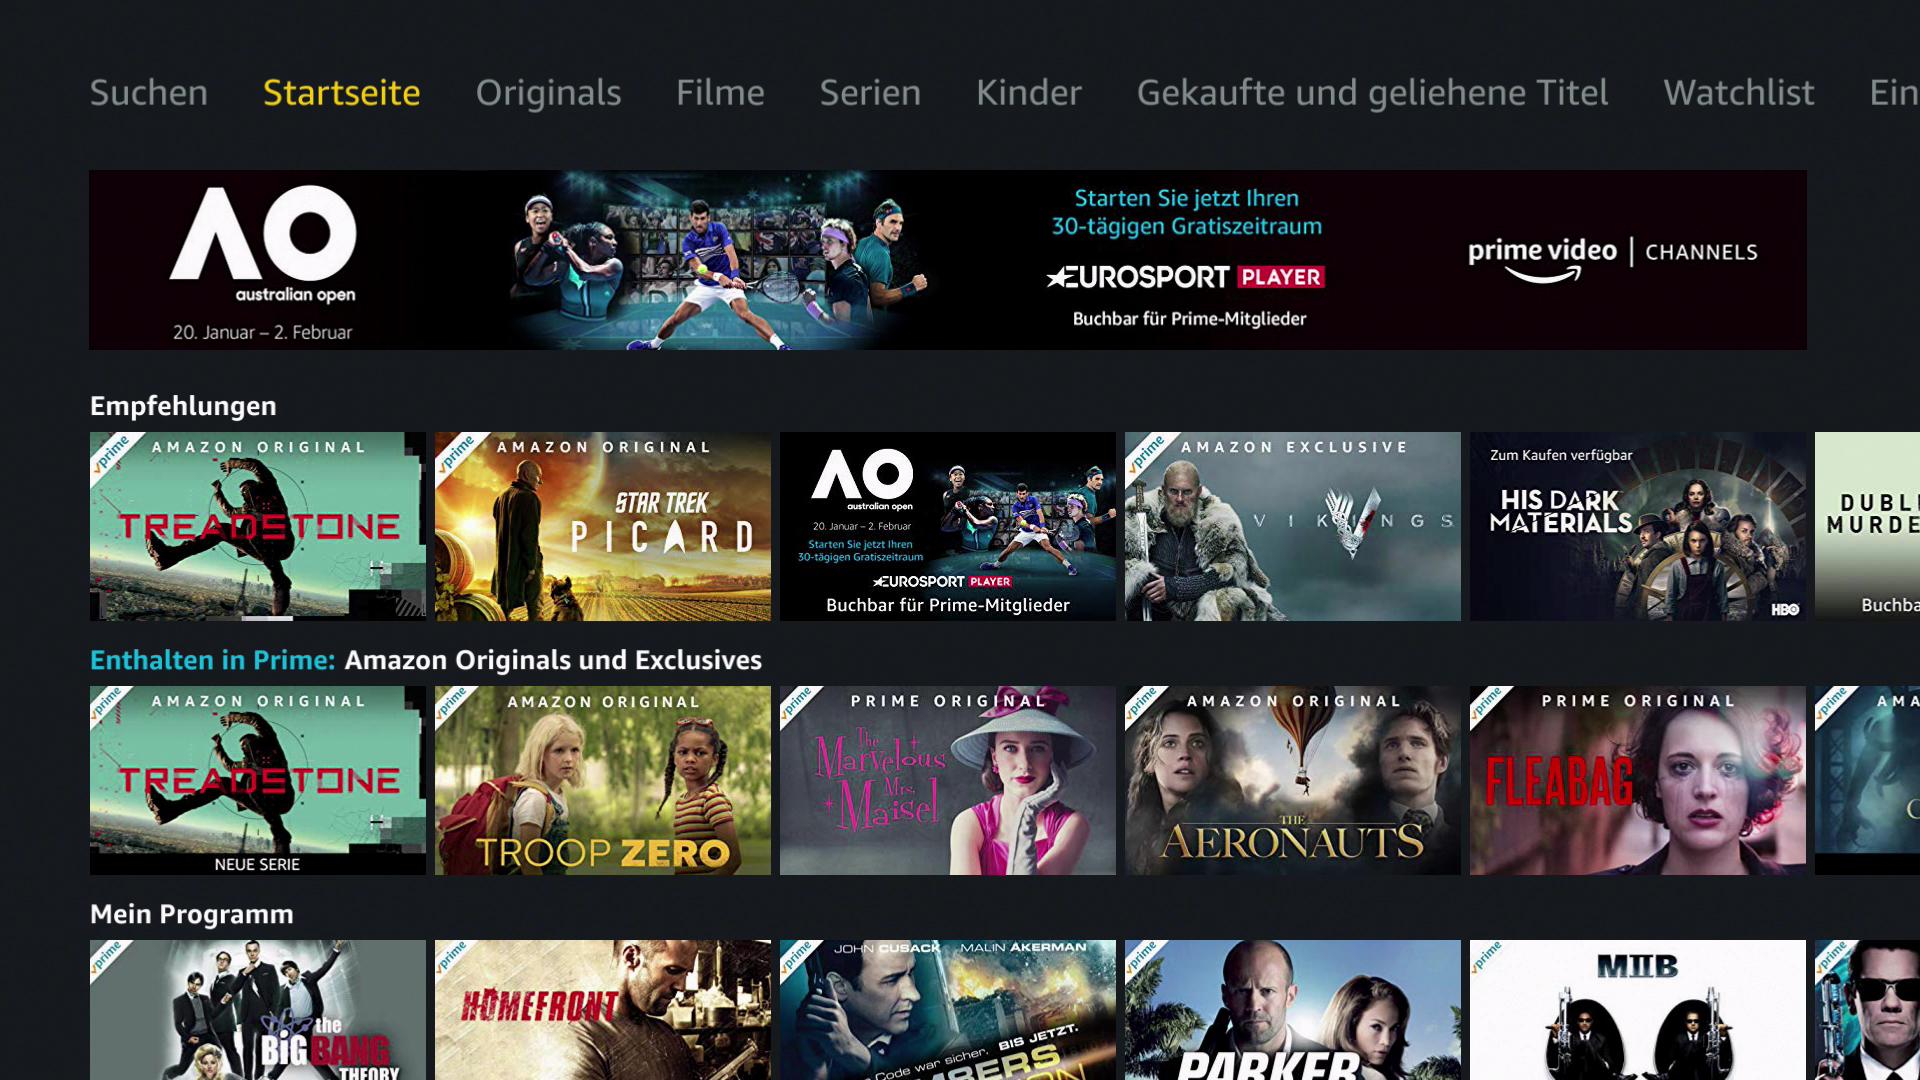 Verkauf des Magenta-TV-Stick: Magenta TV und Disney+ jeweils drei Monate kostenlos - So sieht die Prime-Video-App auf dem Magenta-TV-Stick aus. (Bild: Ingo Pakalski/Golem.de)